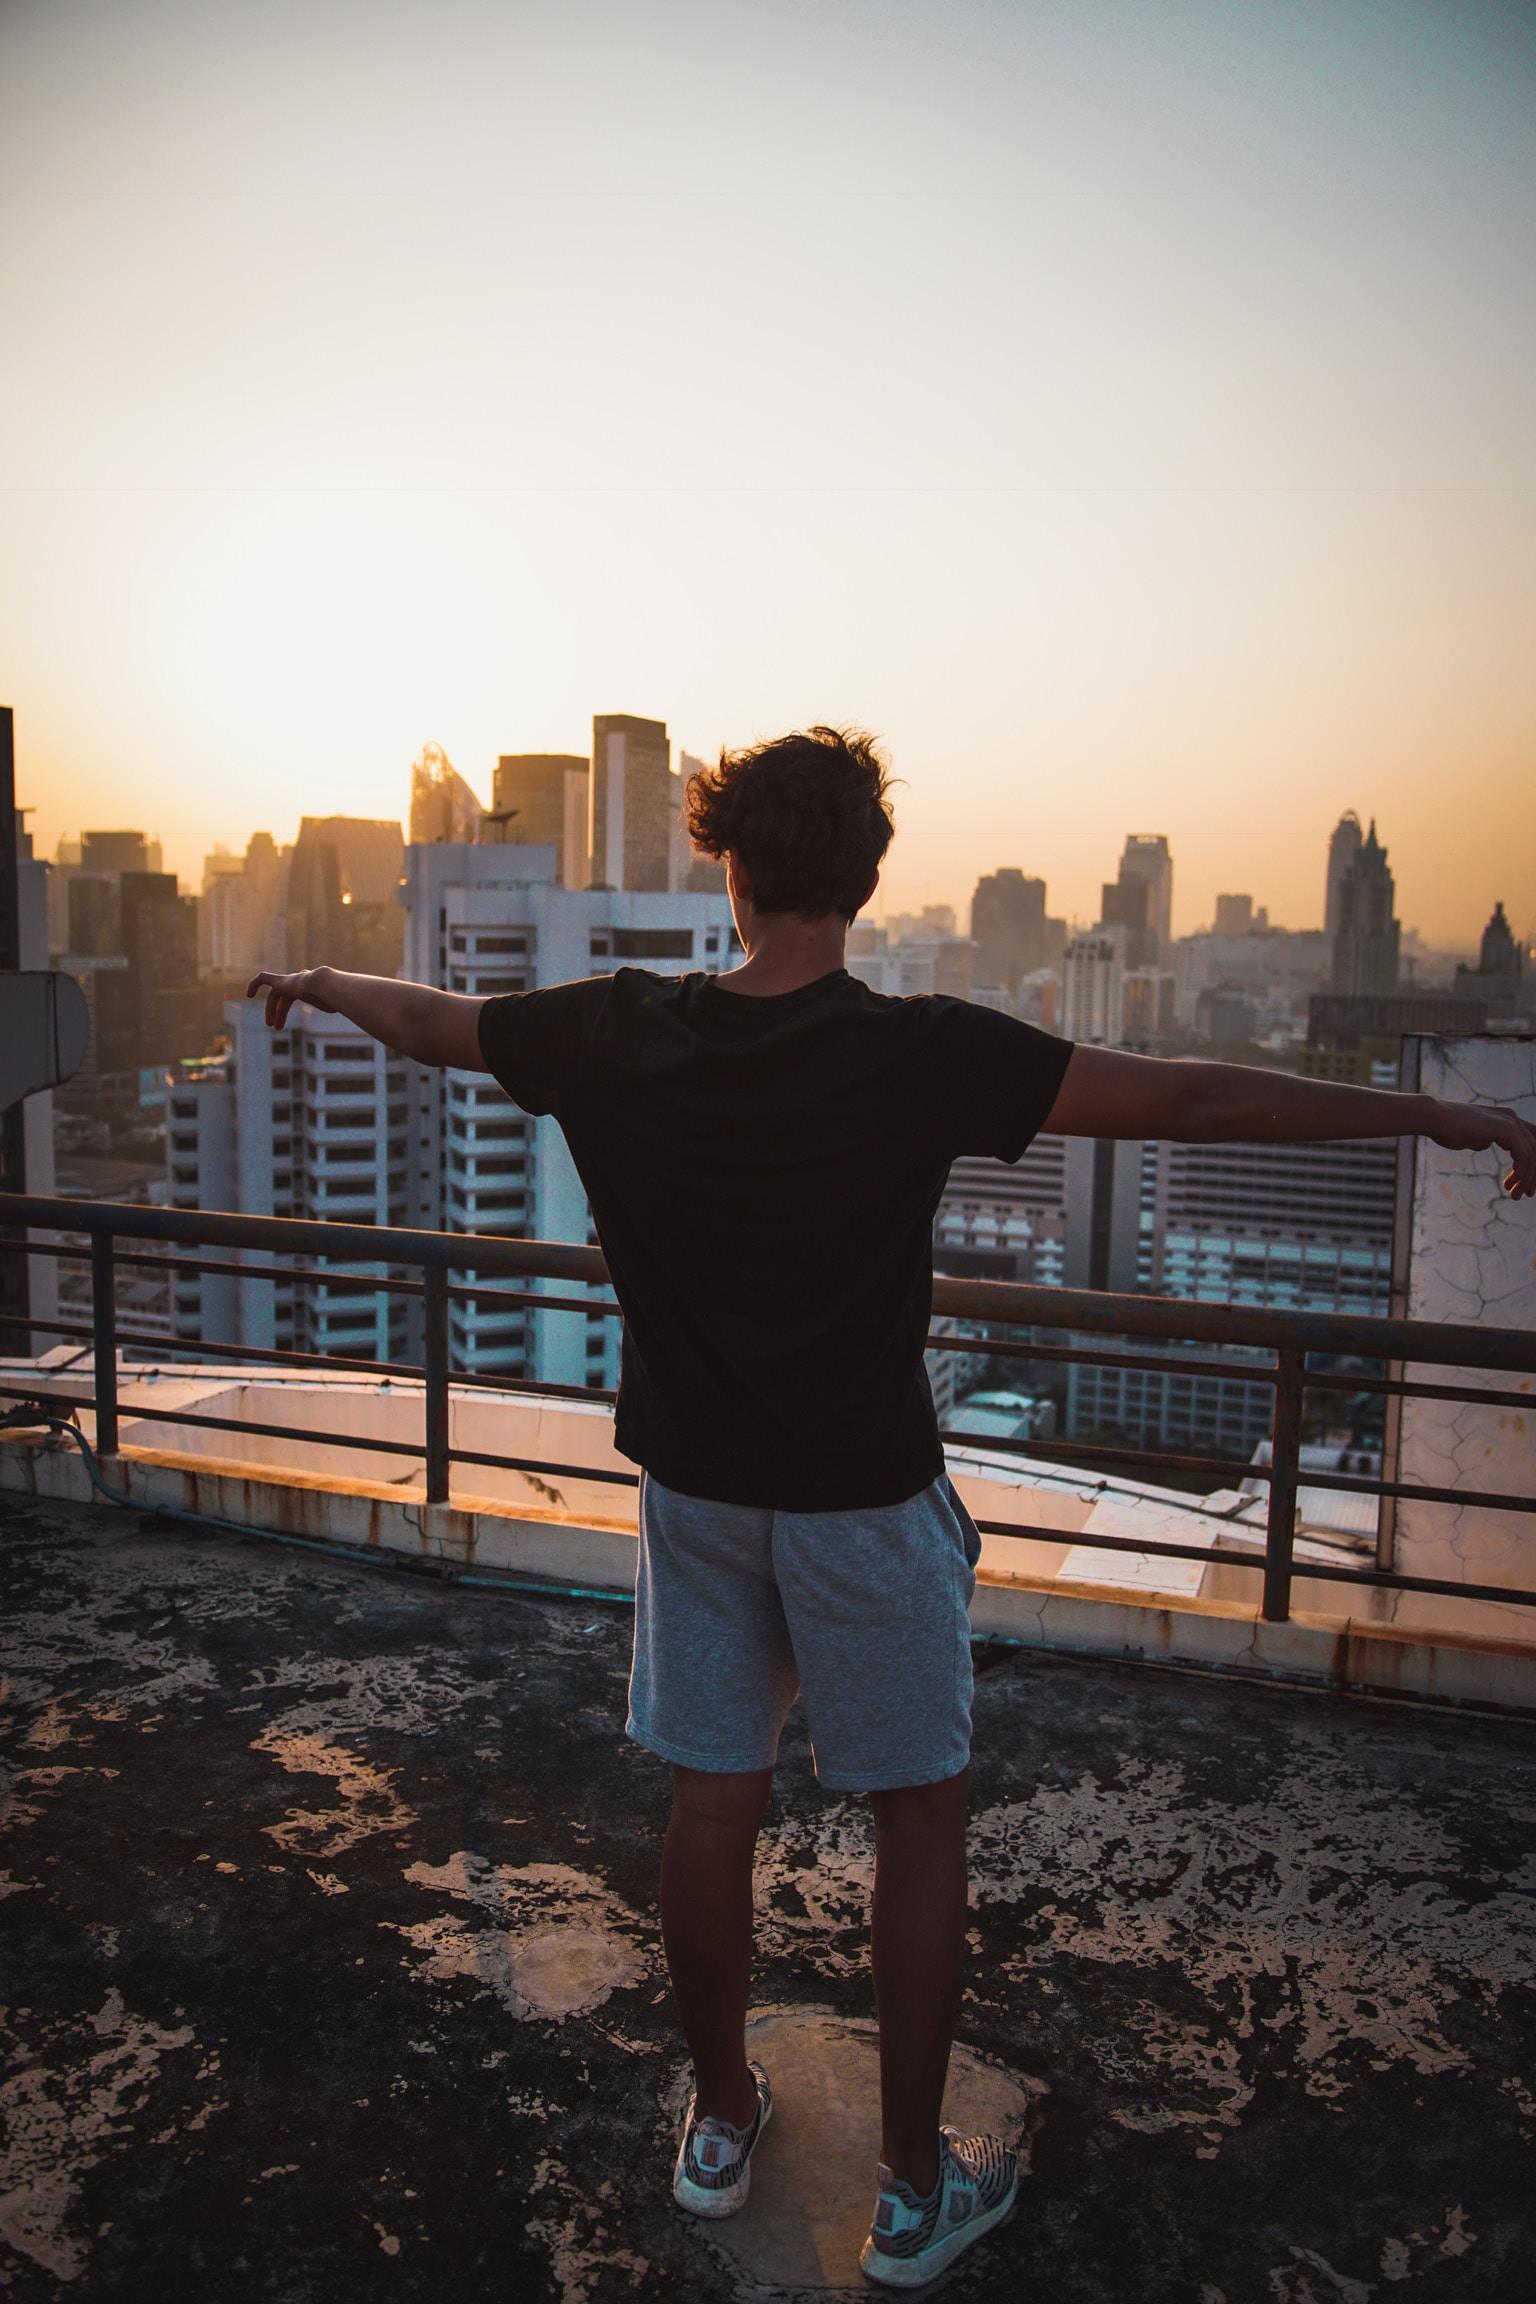 man wearing black T-shirt during sunset